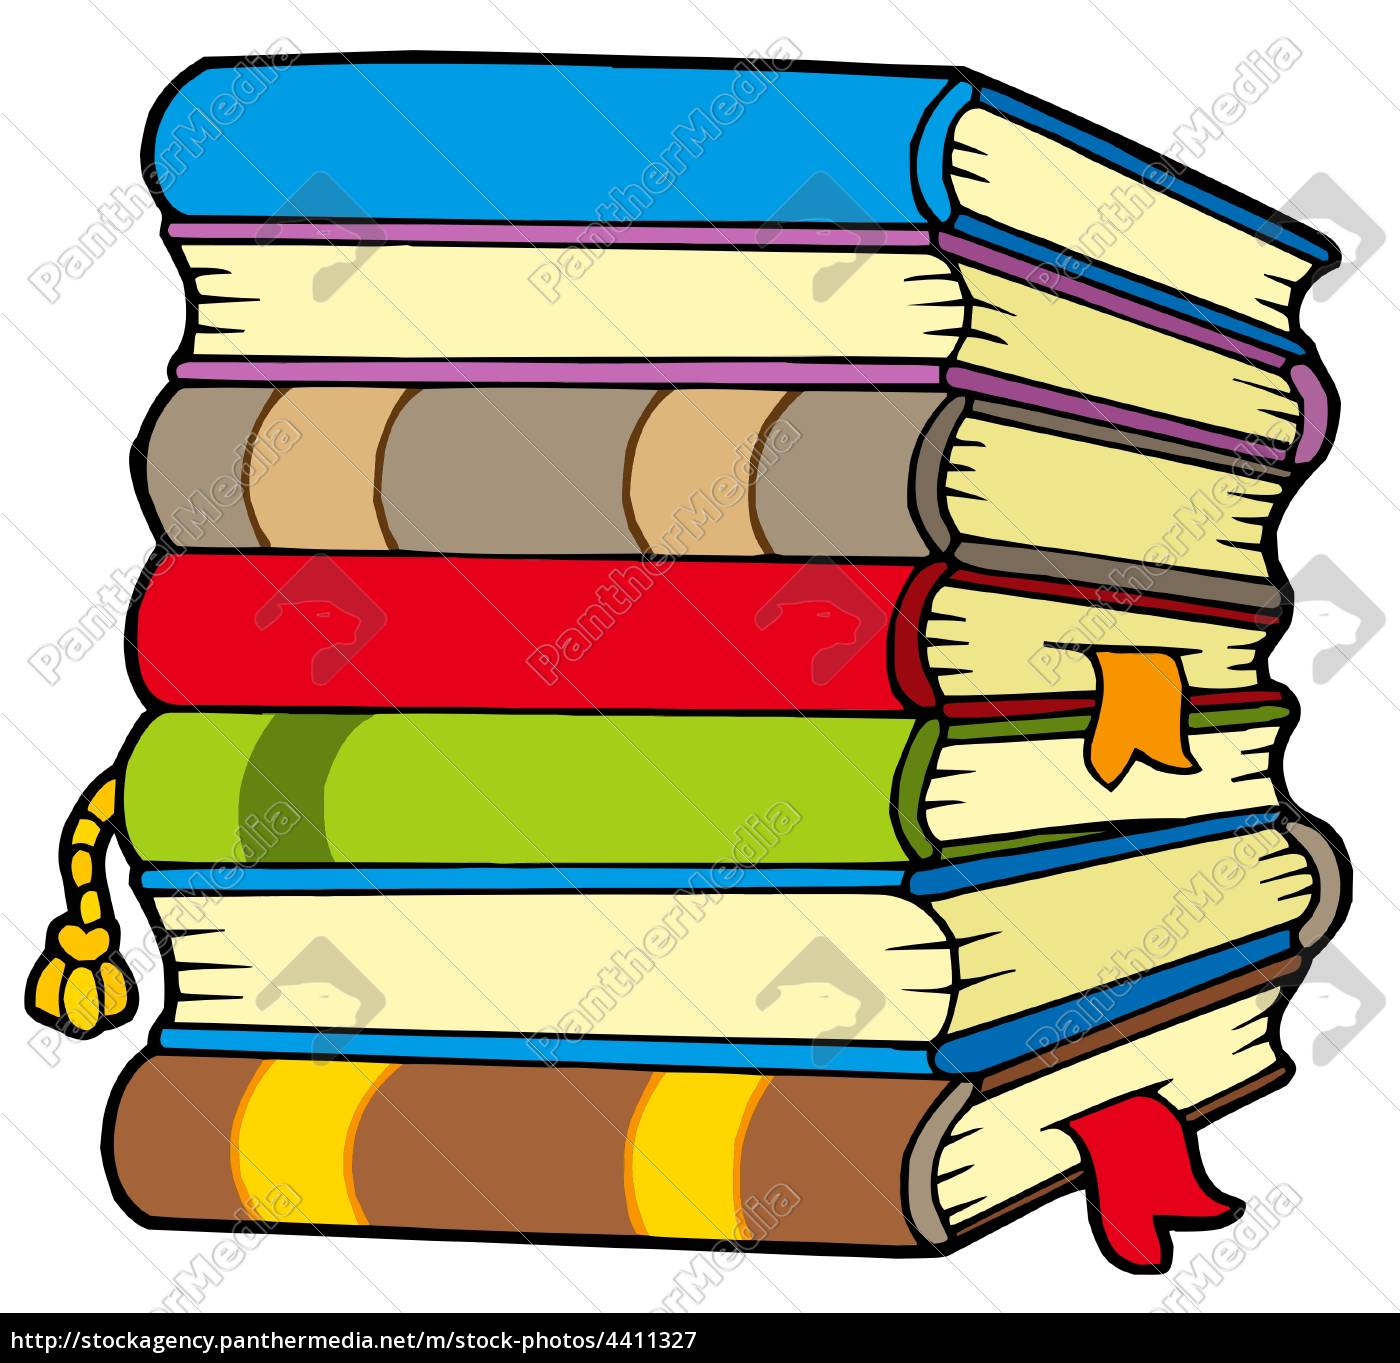 Bücherstapel clipart  Bücherstapel Clipart | ambiznes.com